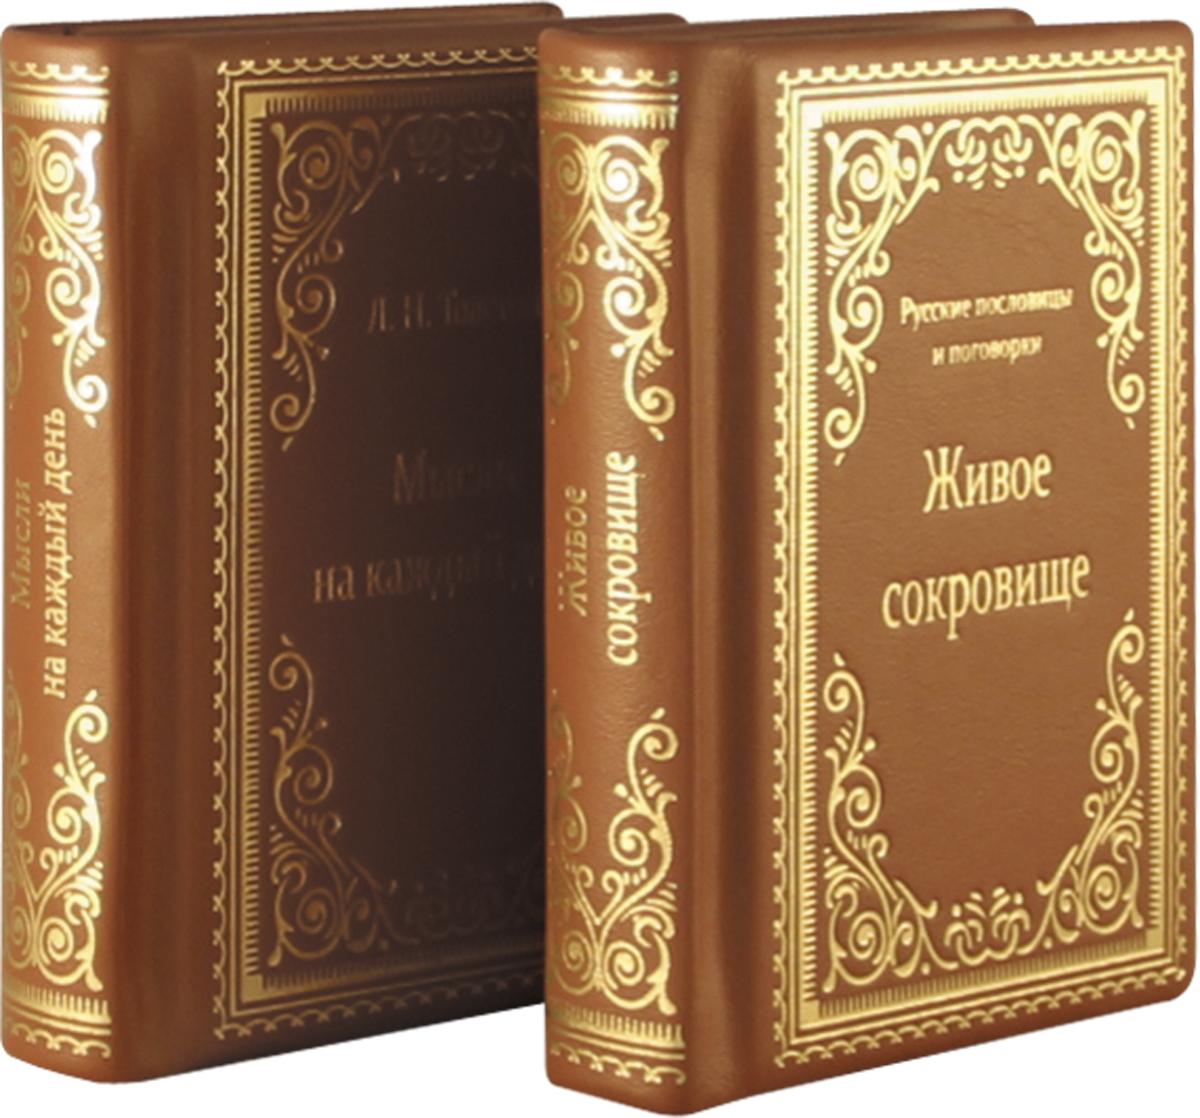 Живое сокровище. Мысли на каждый день. В 2 томах (подарочное издание)